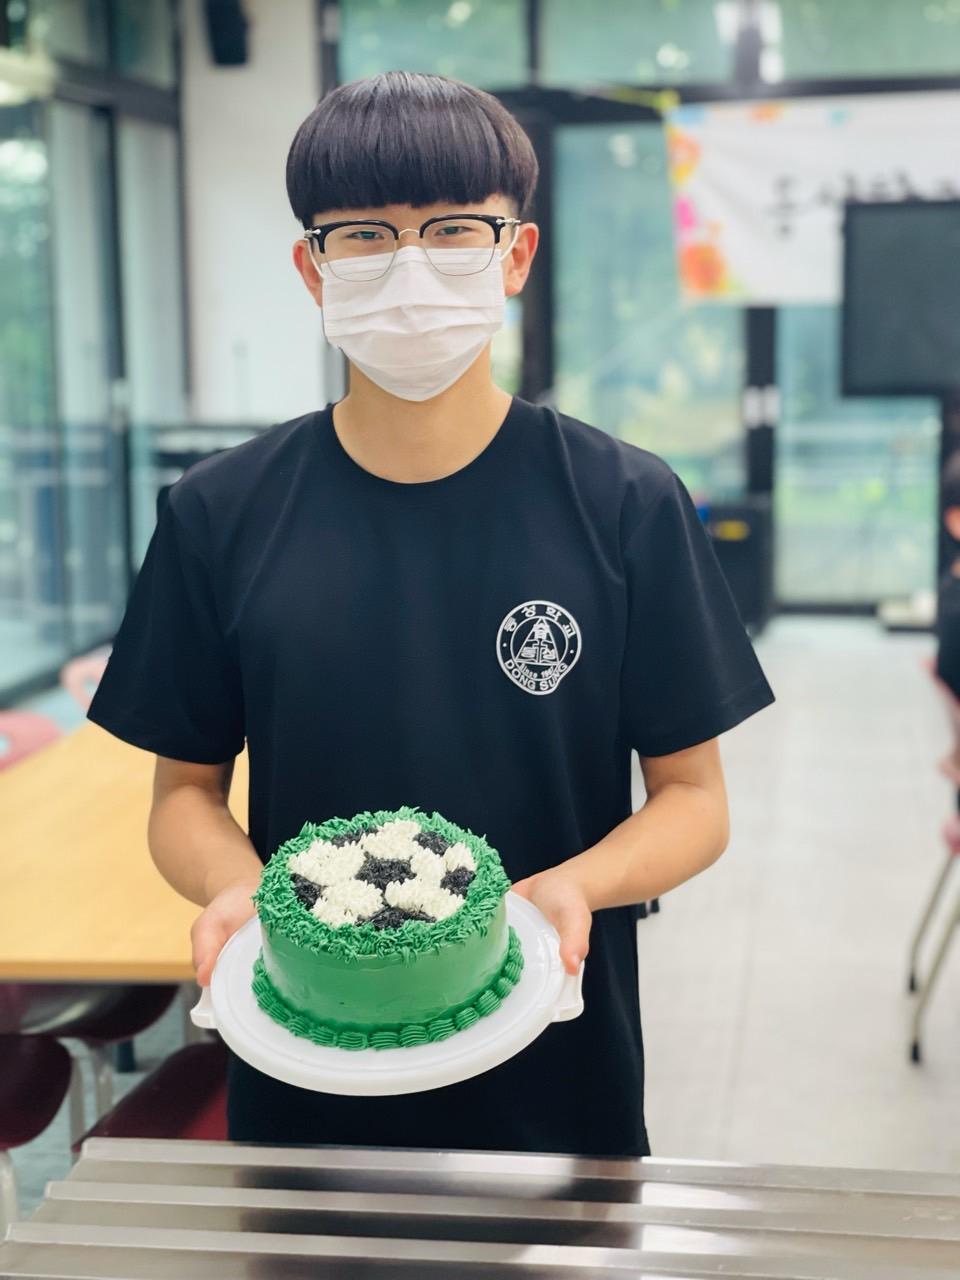 7월 17일 손정우 학생 생일